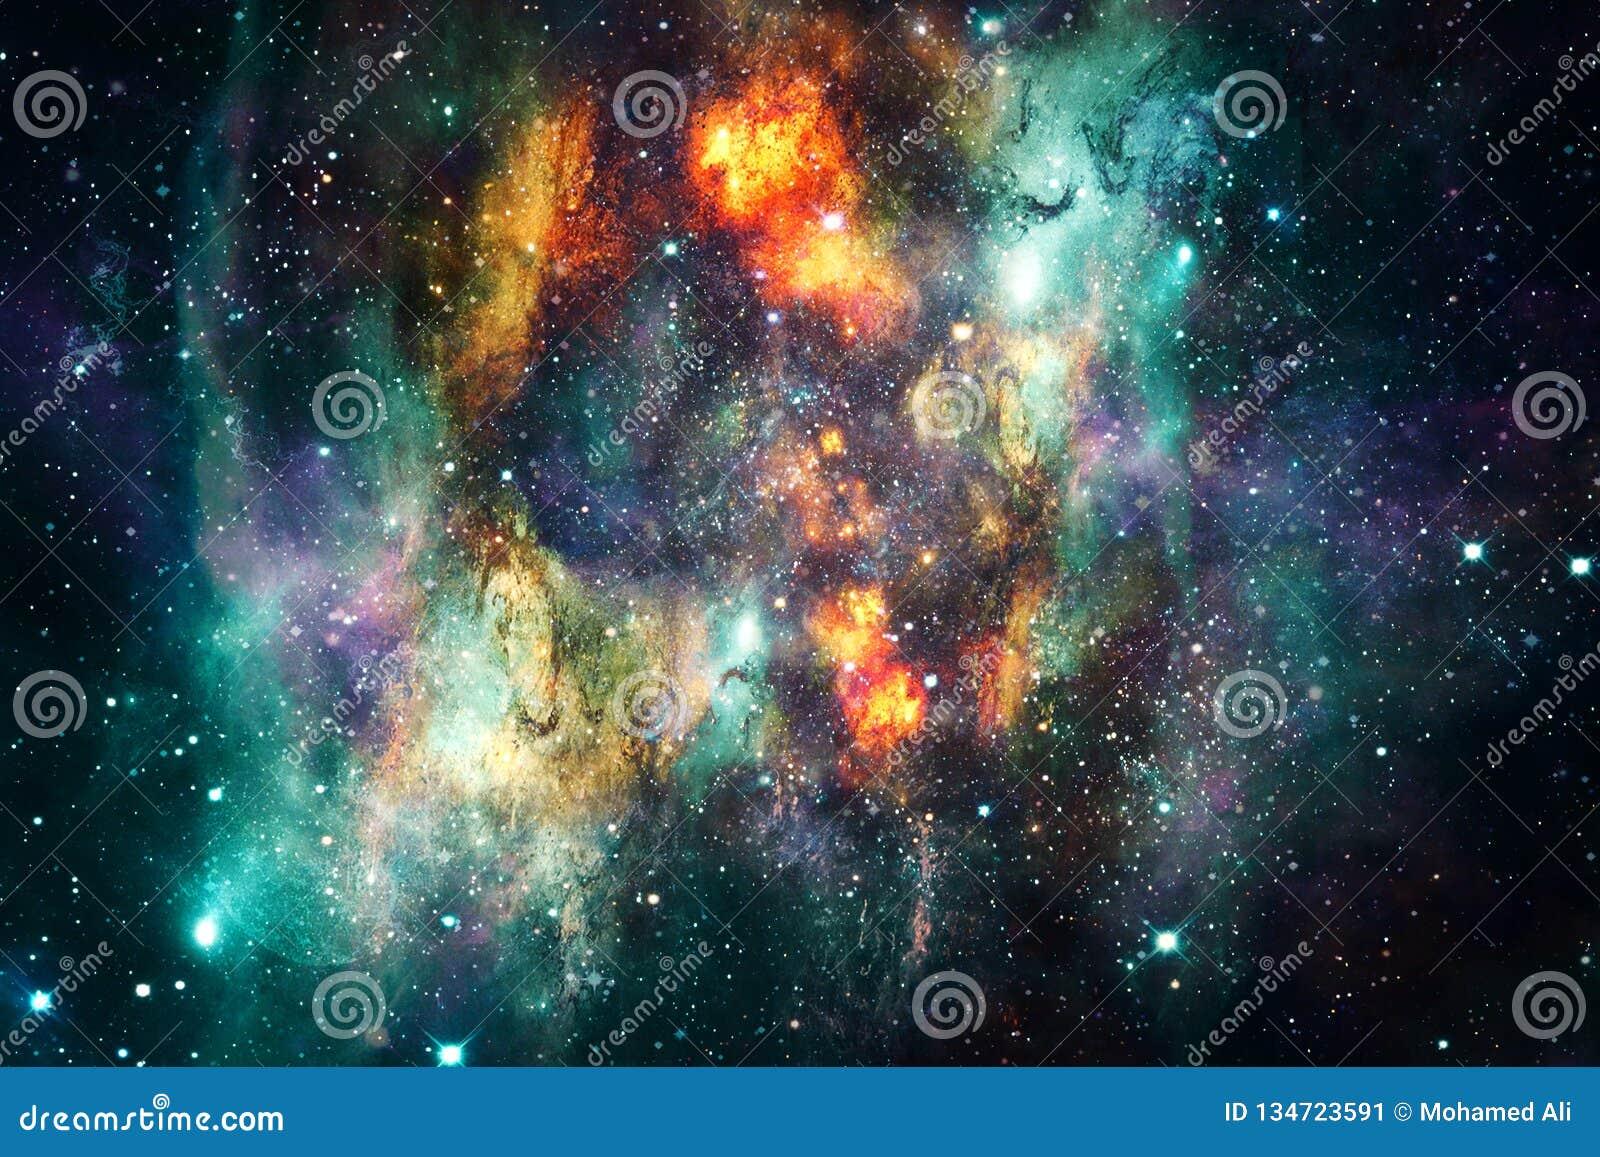 艺术性的抽象超新星爆炸在多彩多姿的发光的星云星系背景中